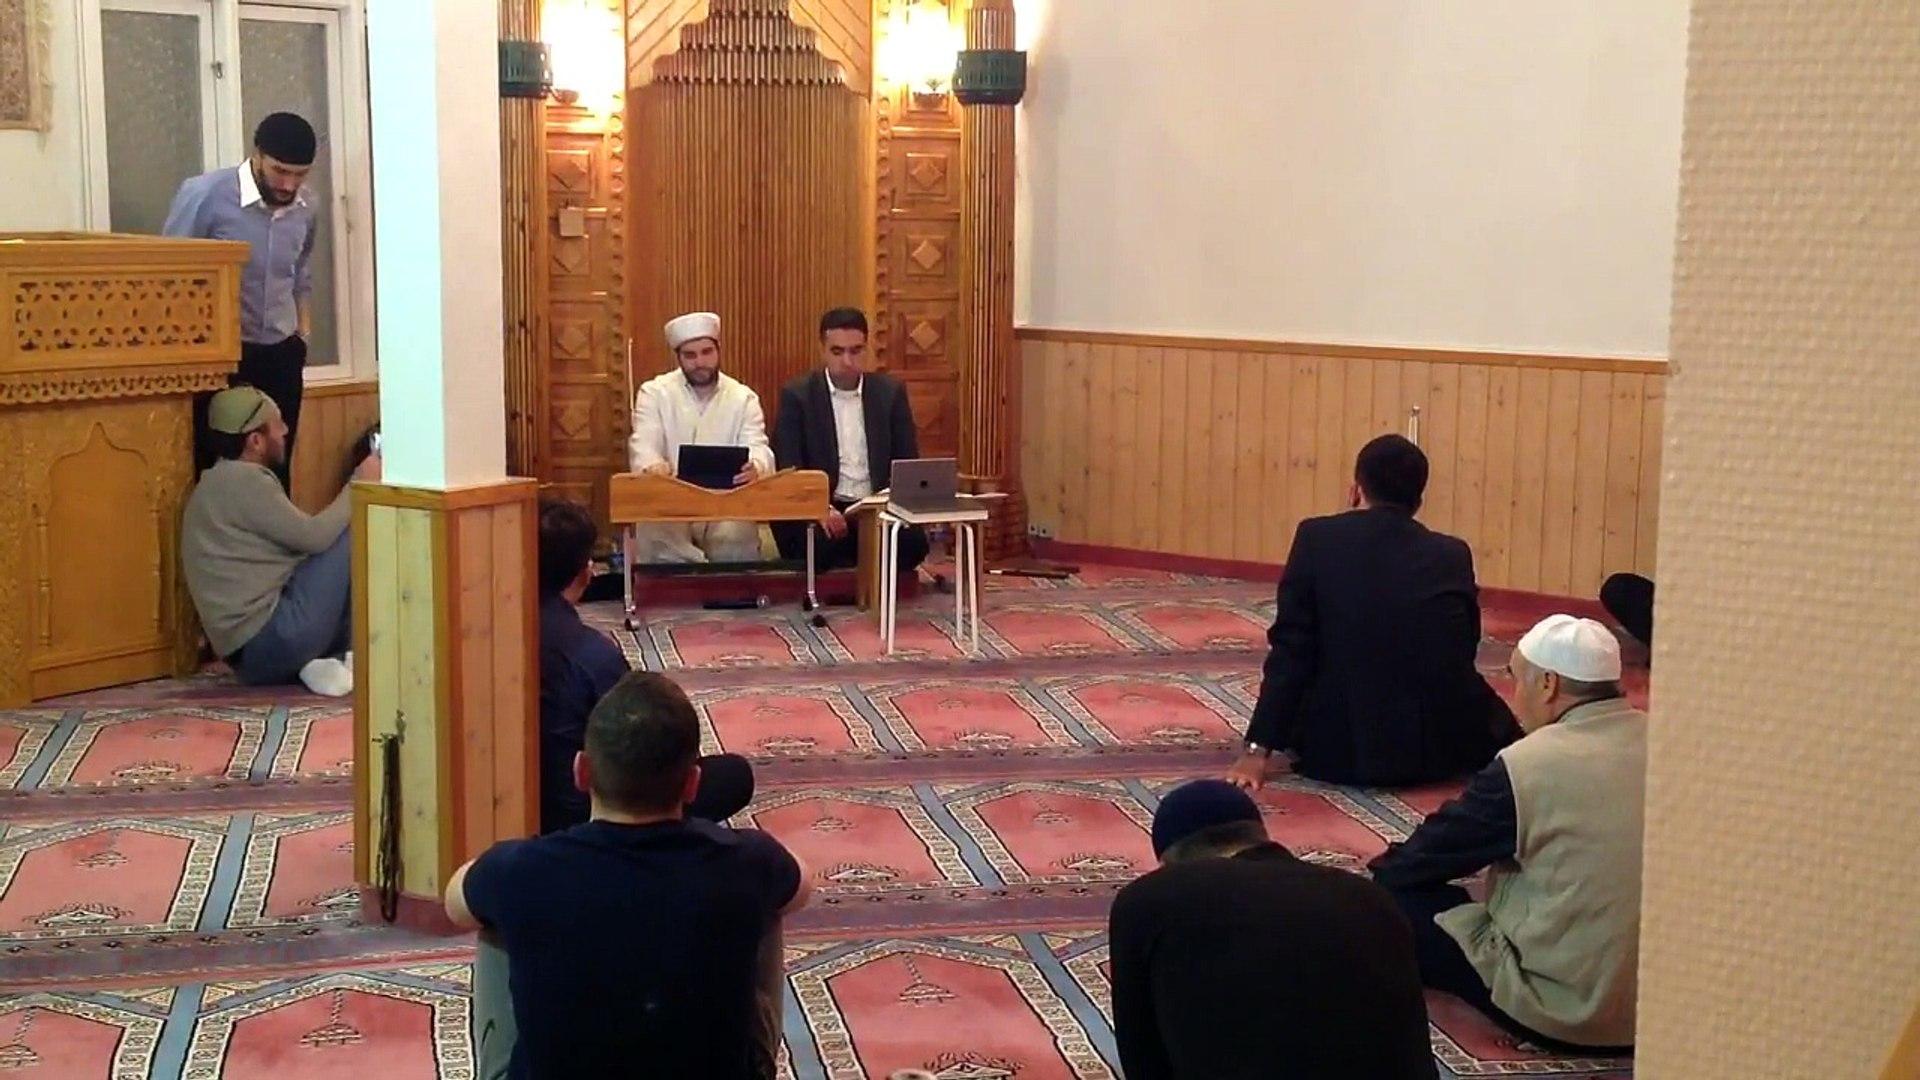 Hafız Metin Demirtaş. Kuran tilaveti. Ahzab suresi. Kopenhag Kocatepe Camii Danimarka. 29/11 - 2017.